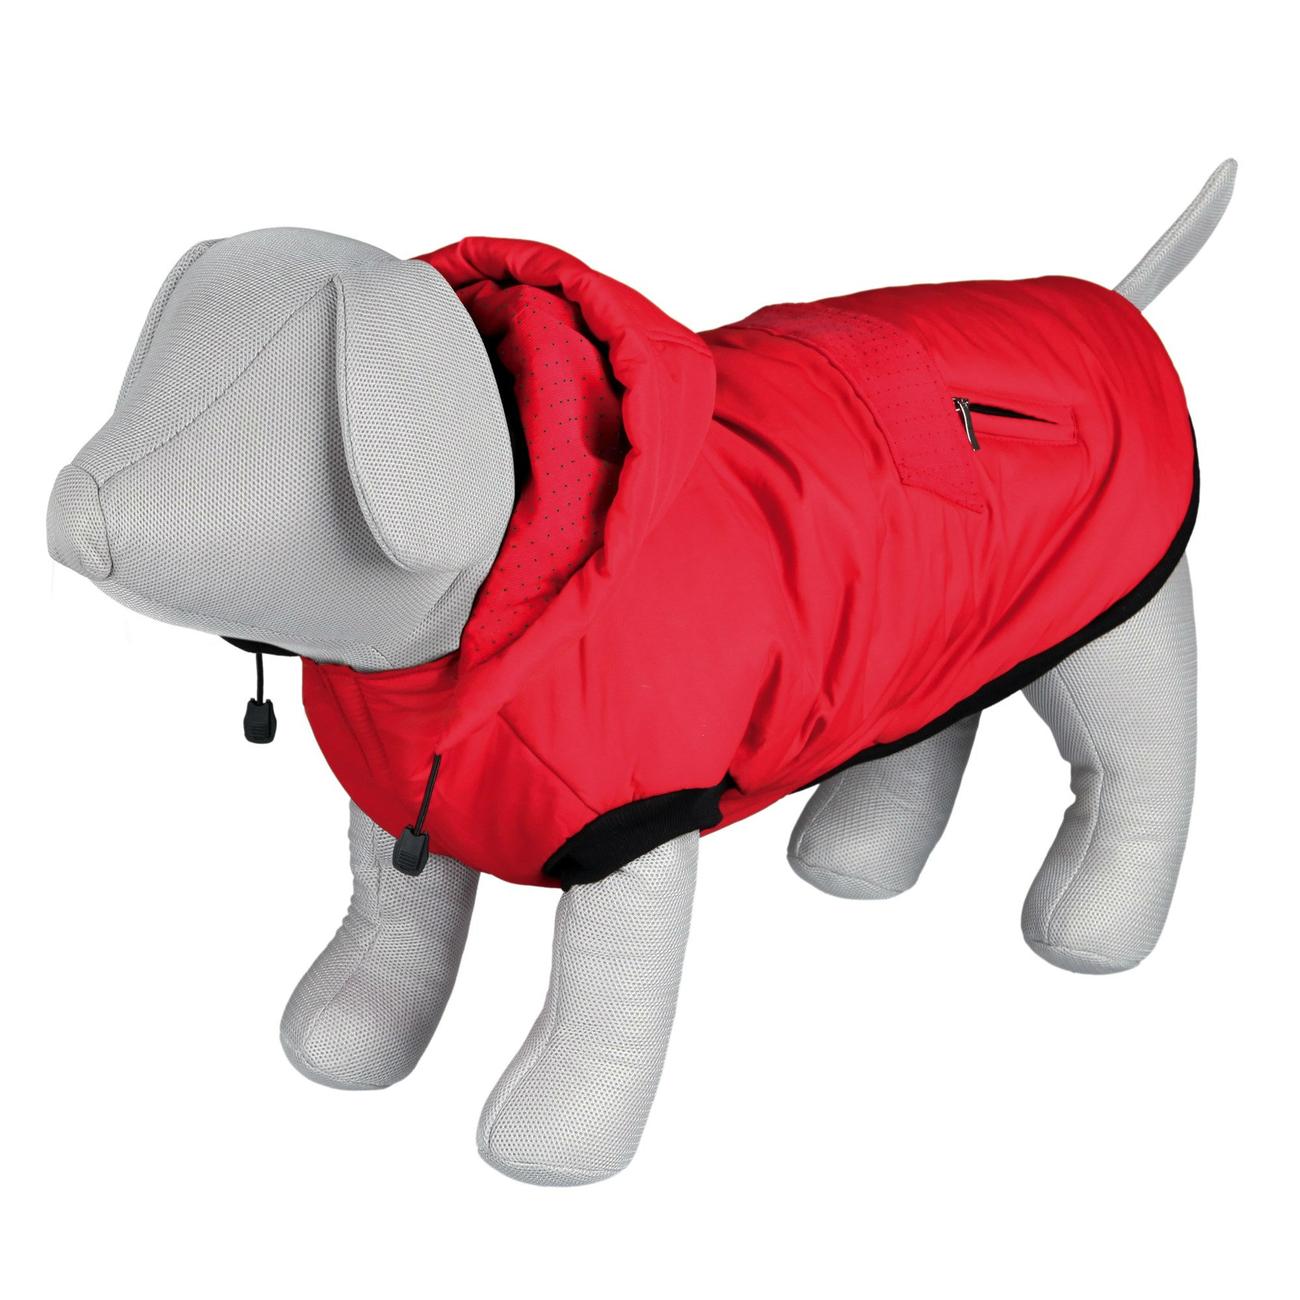 Trixie Wintermantel für Hunde Palermo 67131, Bild 2